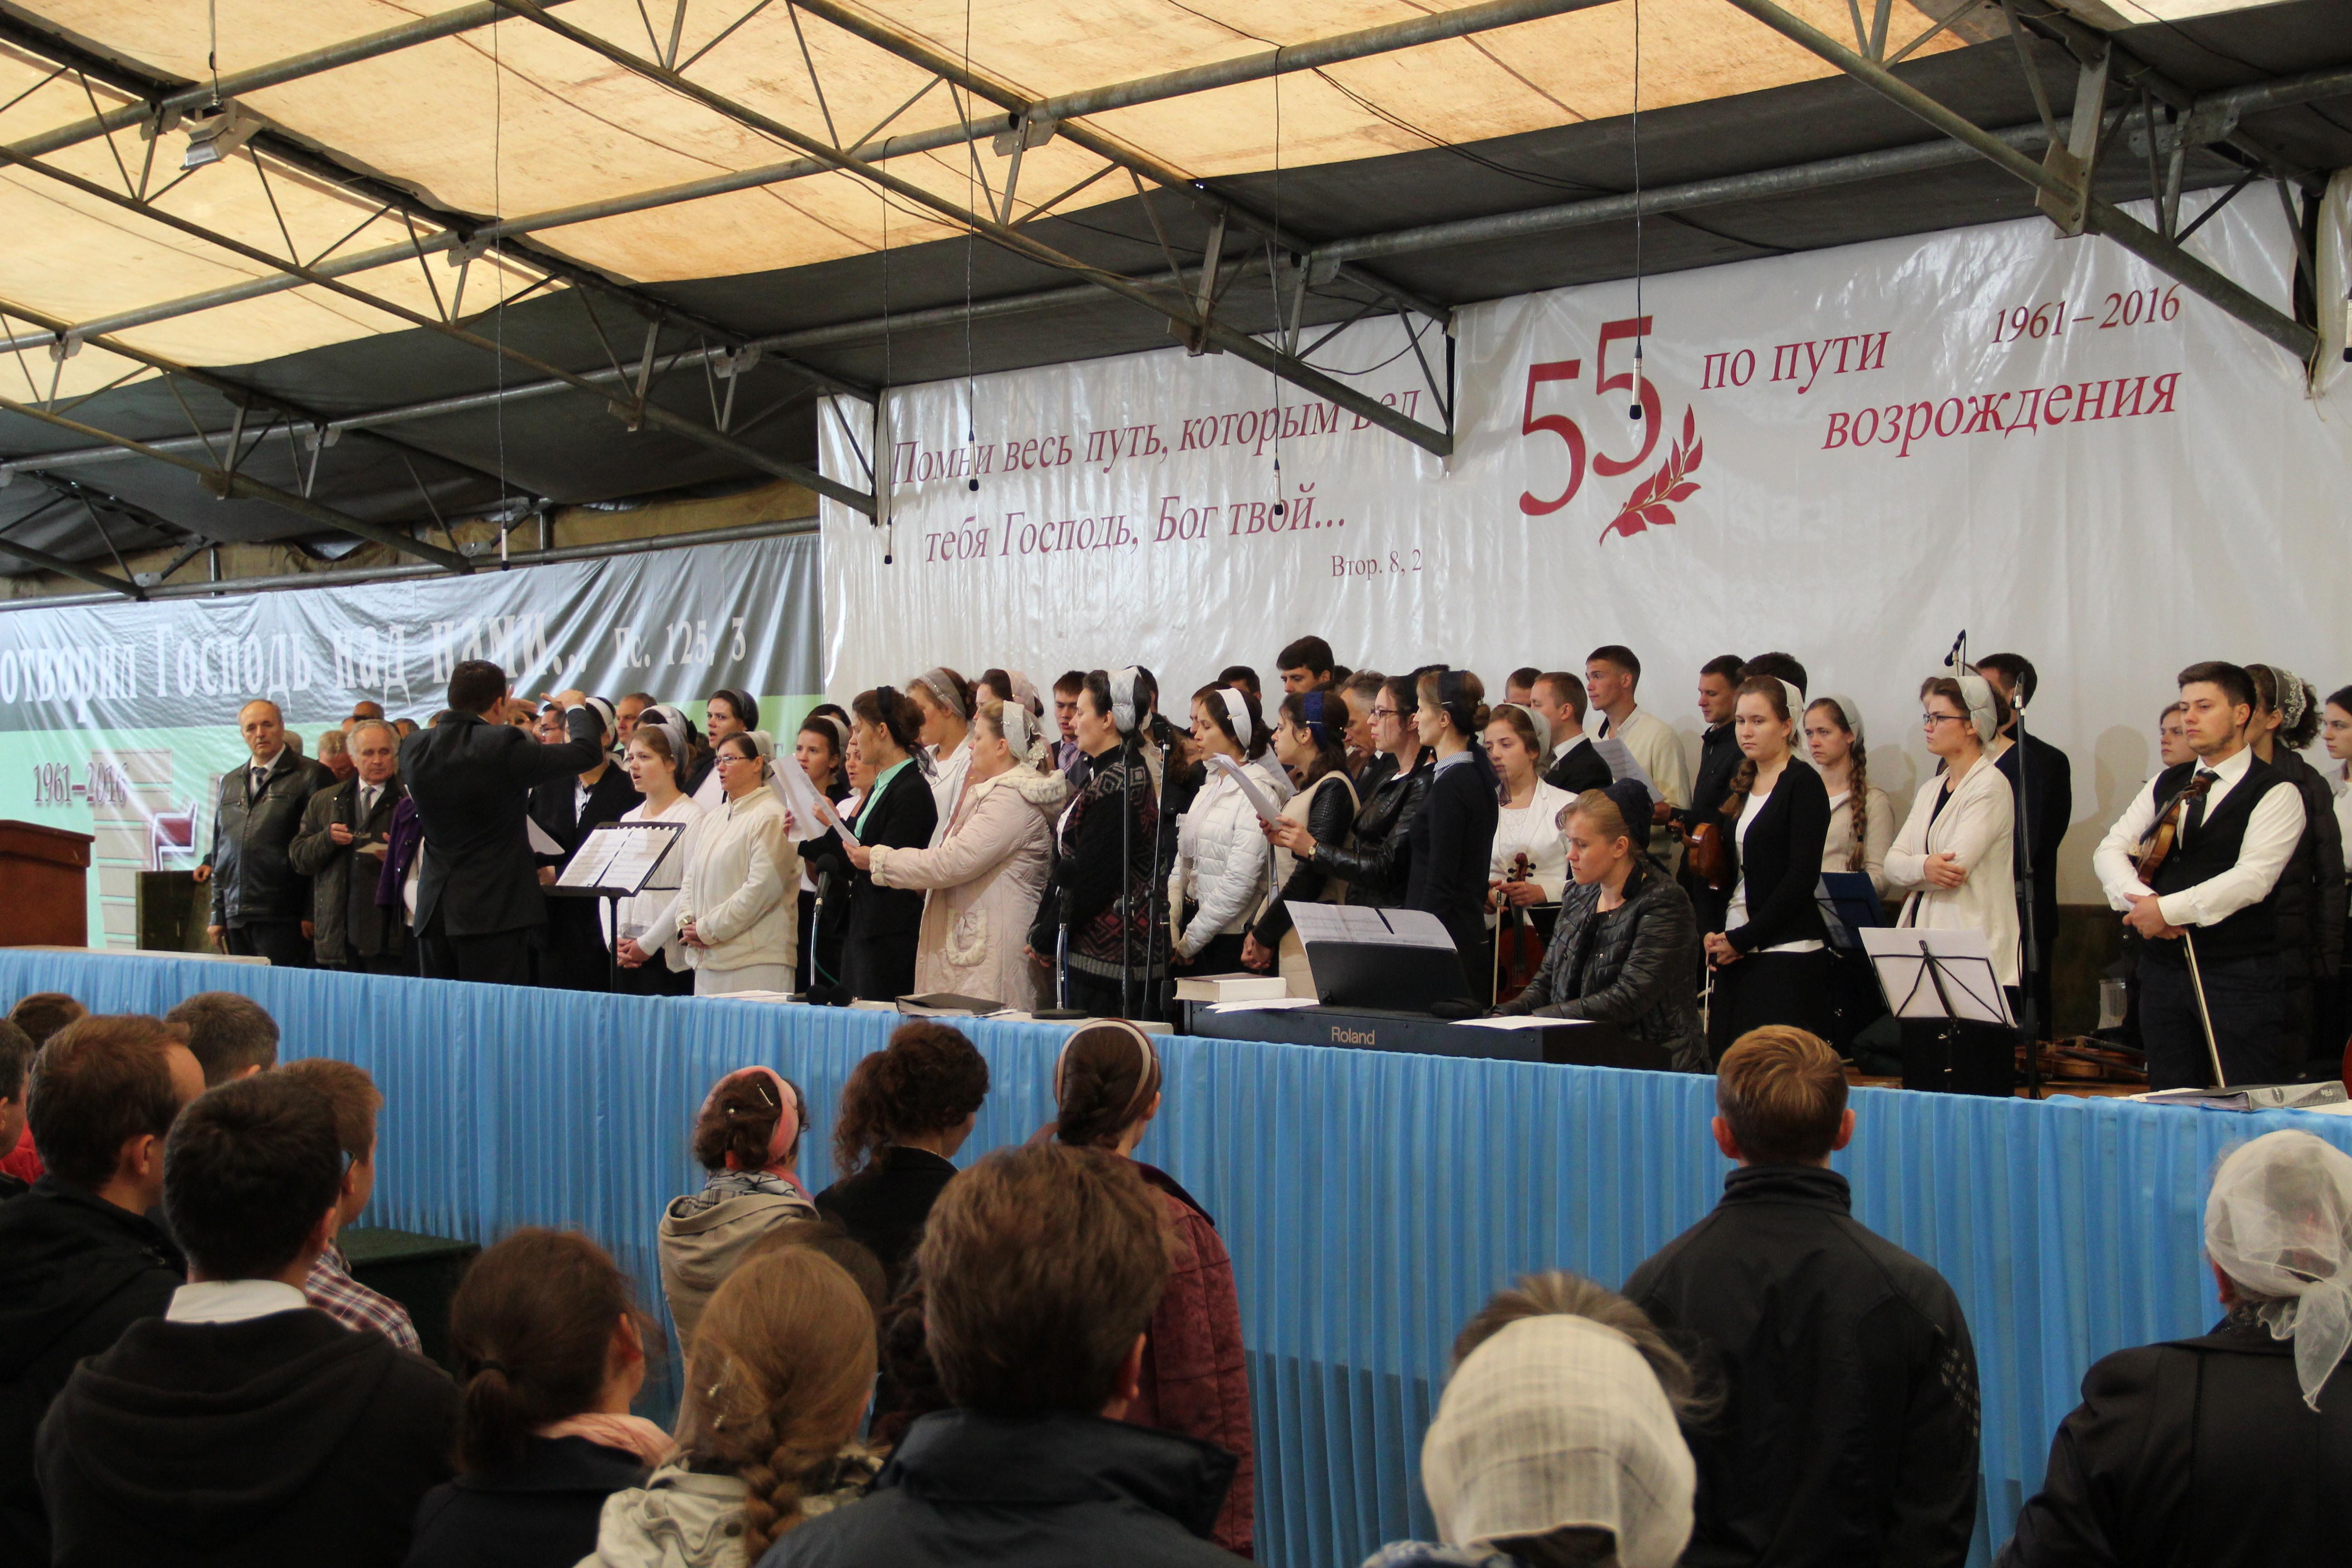 2016 Юбилей 55 лет Новомосковск (13-14 августа)